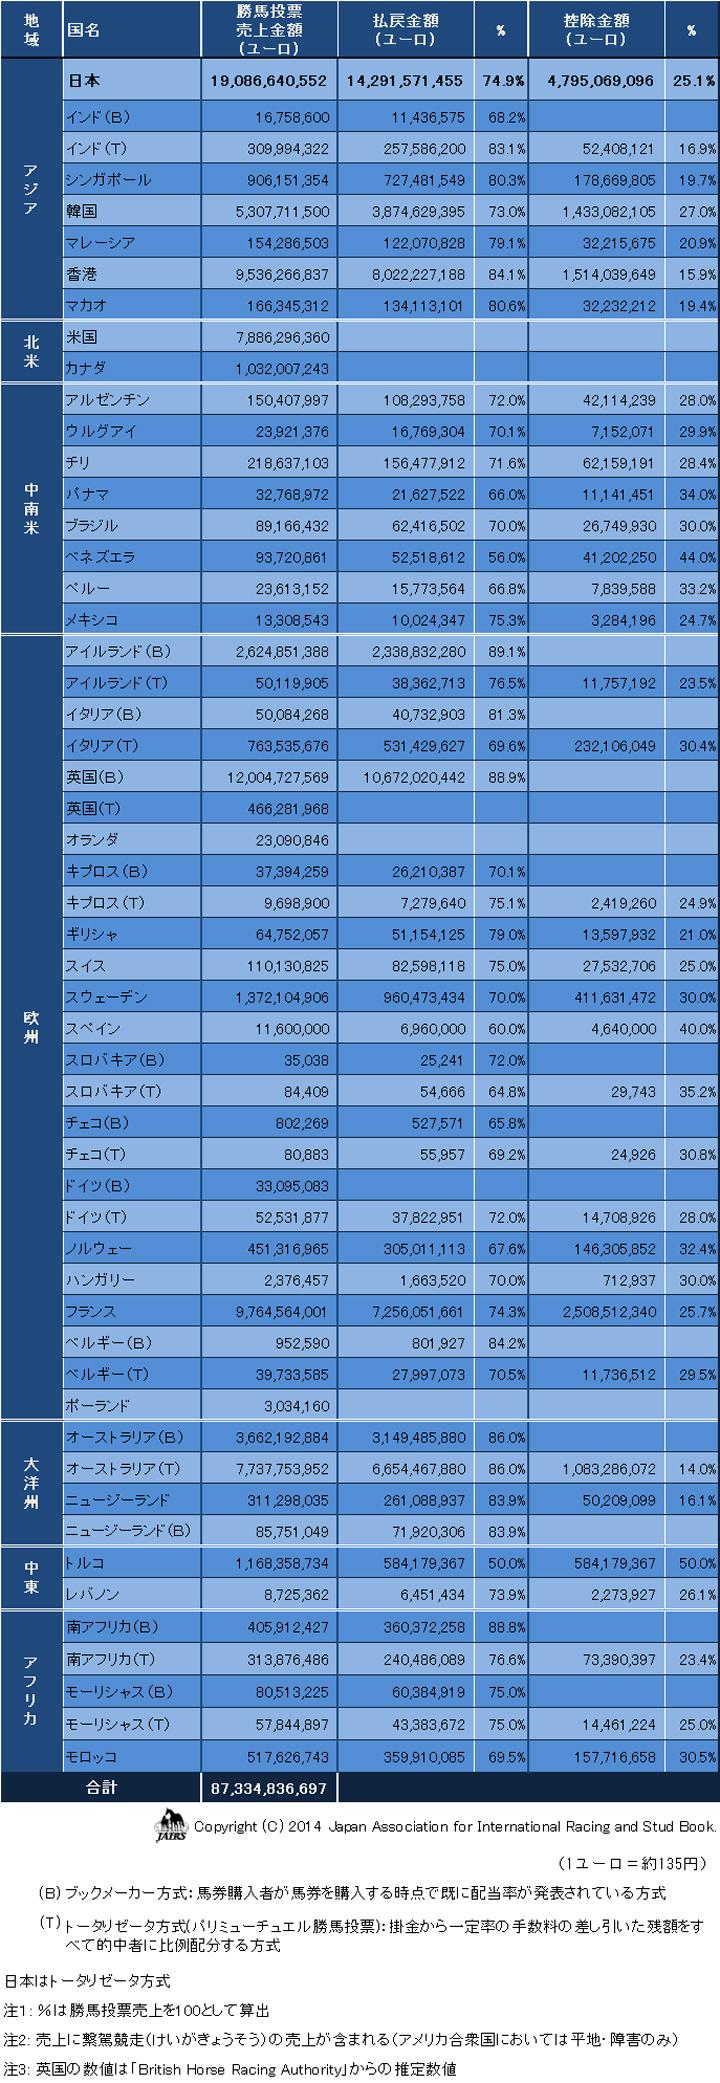 勝馬投票売上と控除率等2013年01